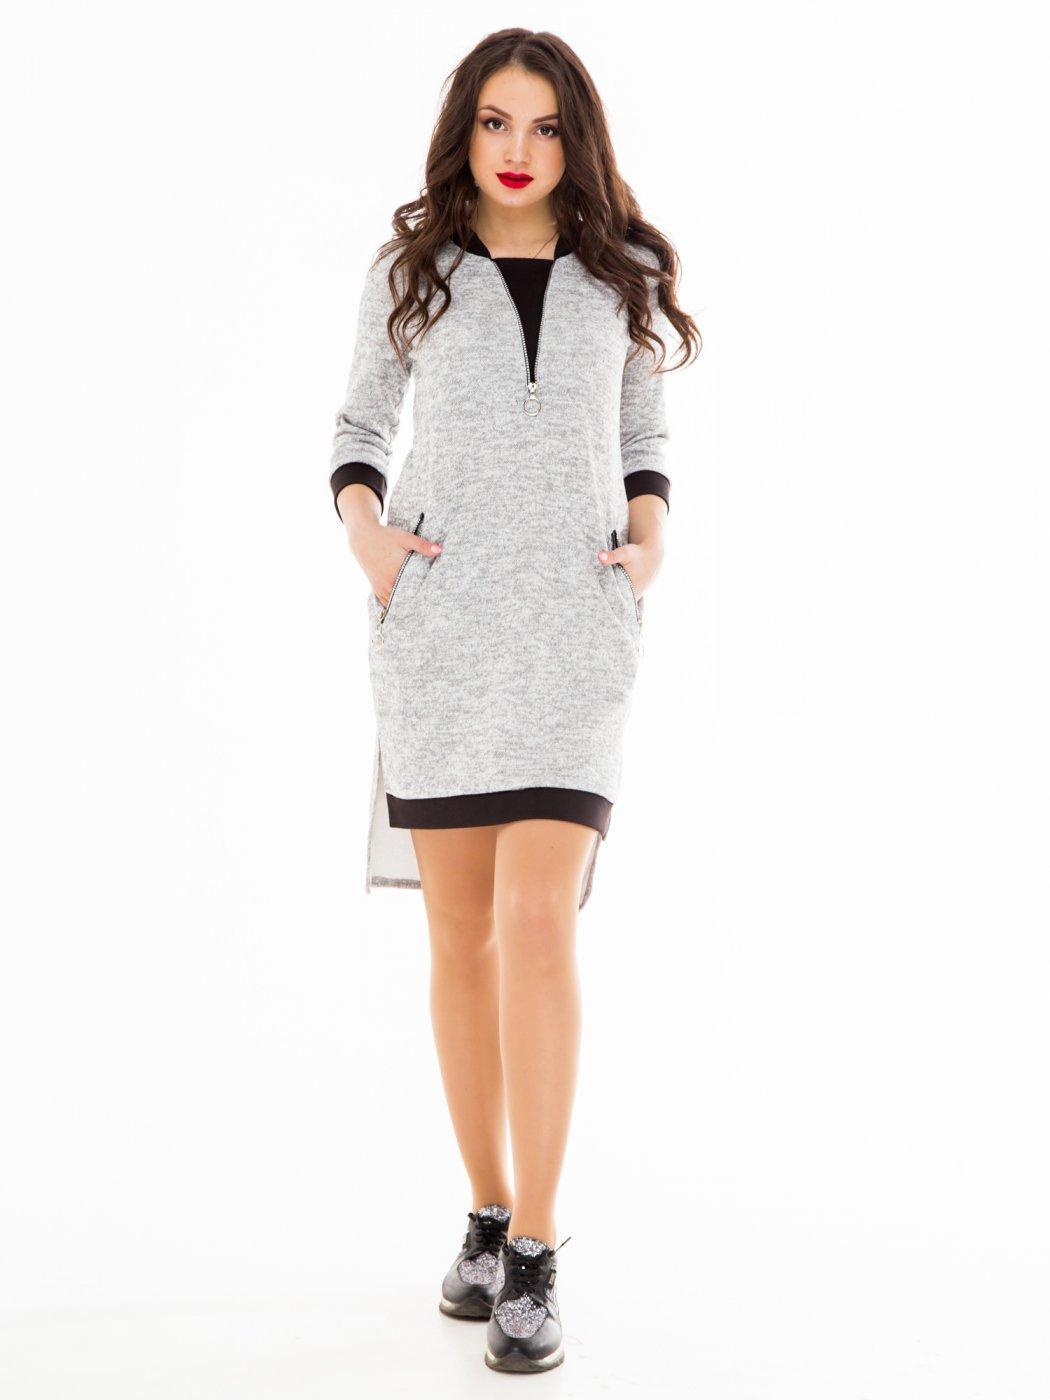 Платье 78059-GRY от Alpama, цвет серый